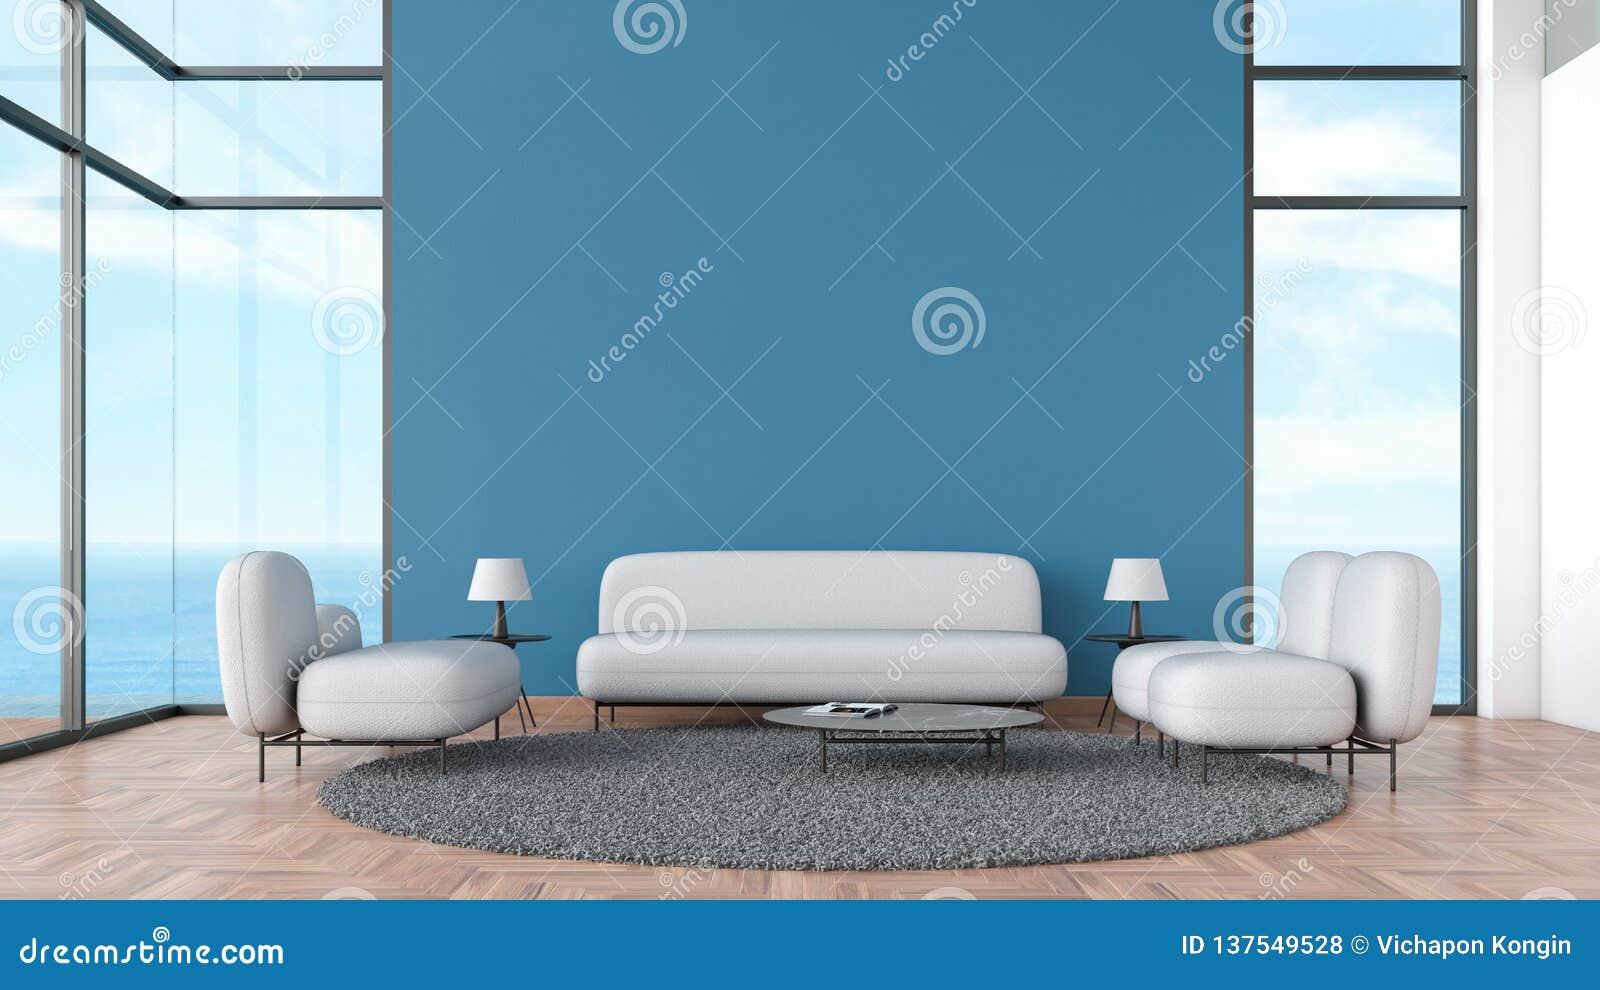 Moderne binnenlandse woonkamer houten vloer met het grijze bank en stoelvenster van de overzeese malplaatje meningszomer voor het